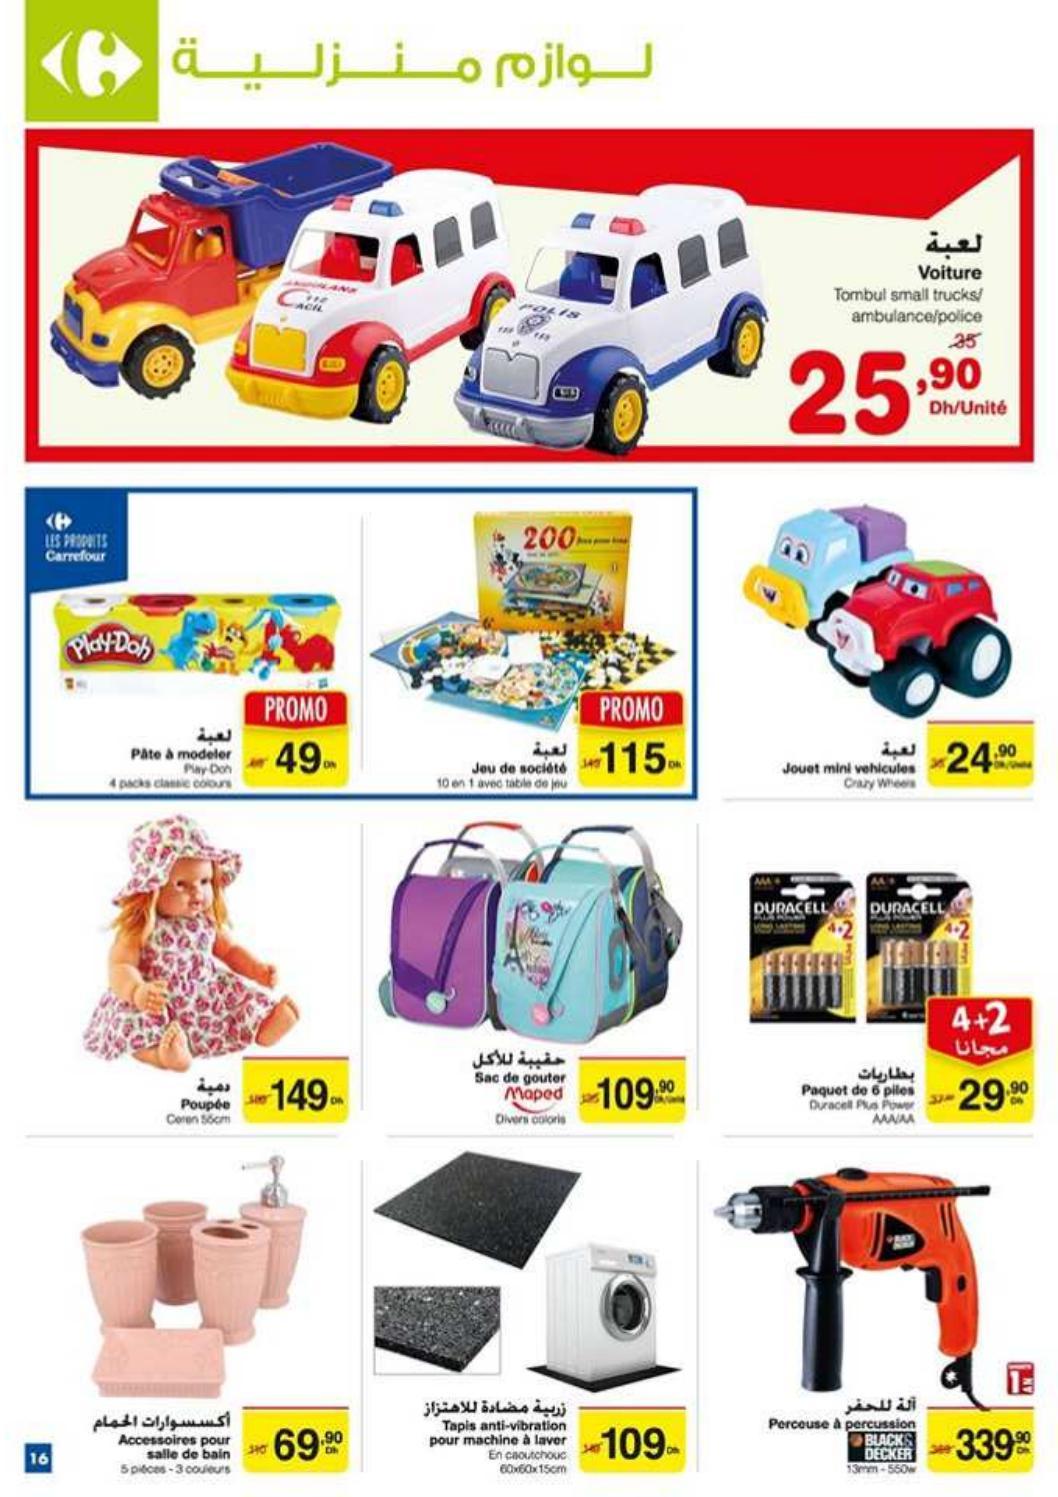 Promotion Poupée serapportantà Carrefour Piscine Hors Sol